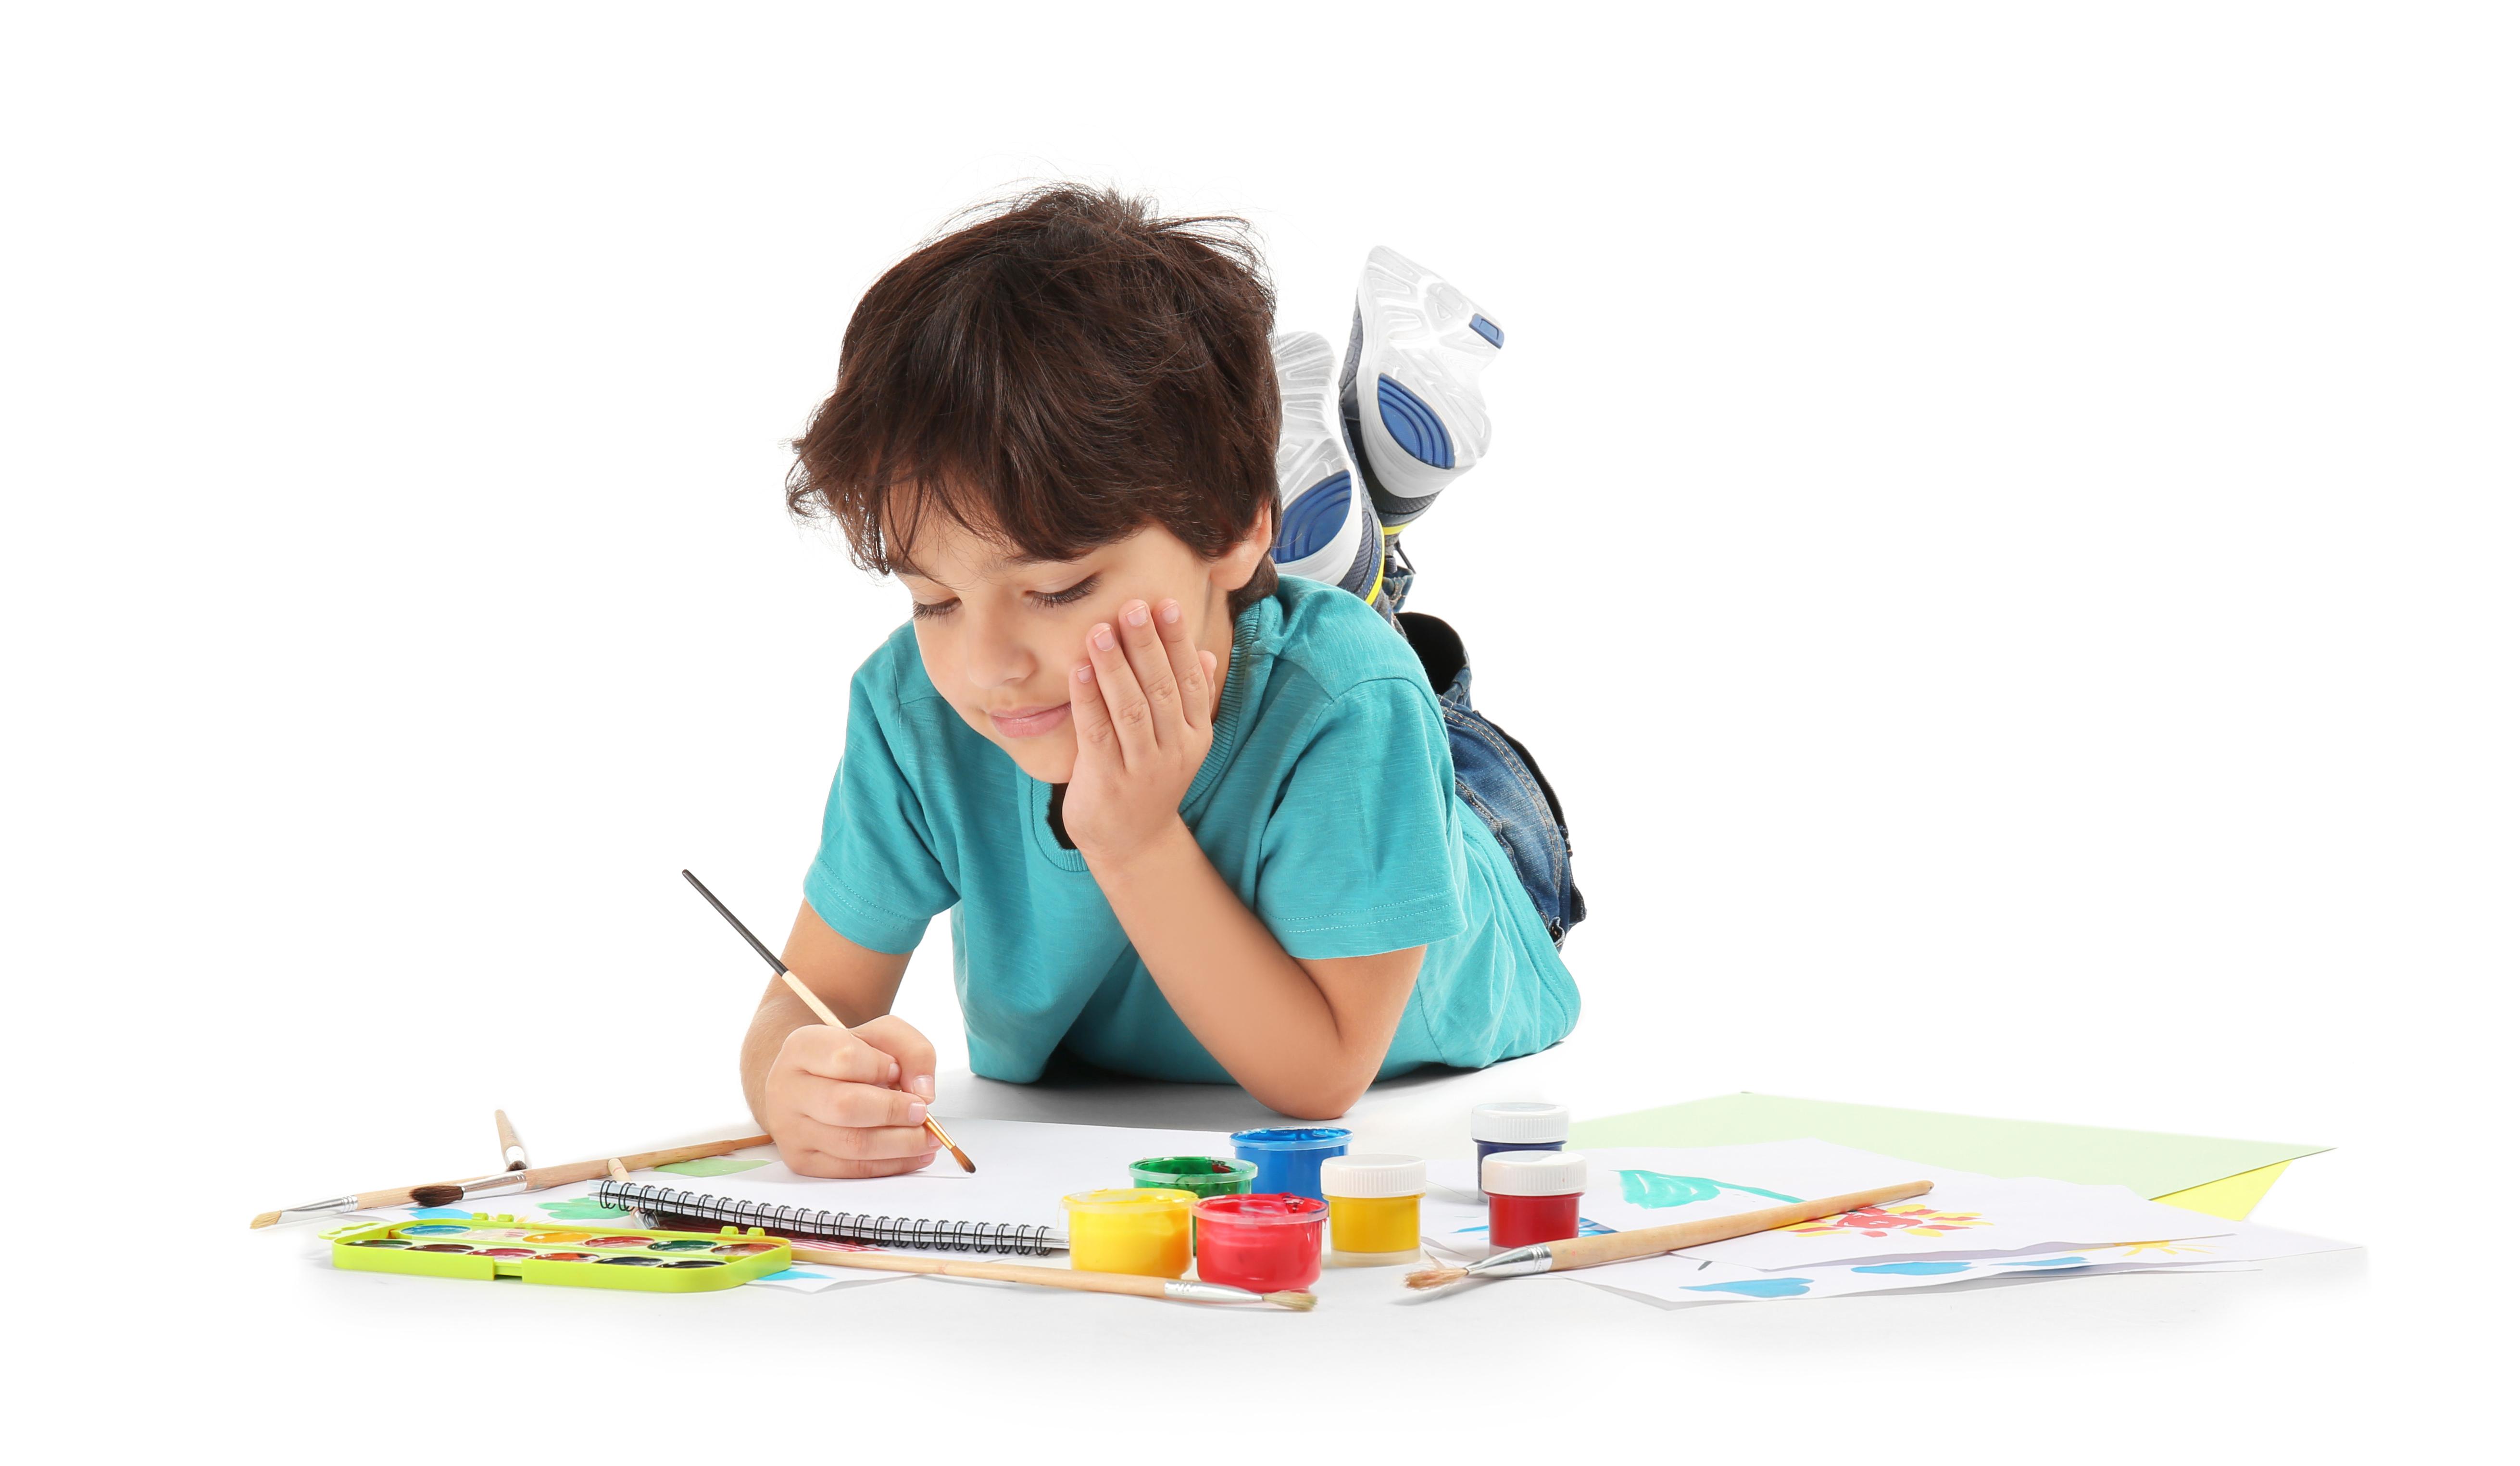 Un niño se toma su tiempo para hacer sus creaciones y en ocasiones las repite una y otra vez. Foto: Servicios